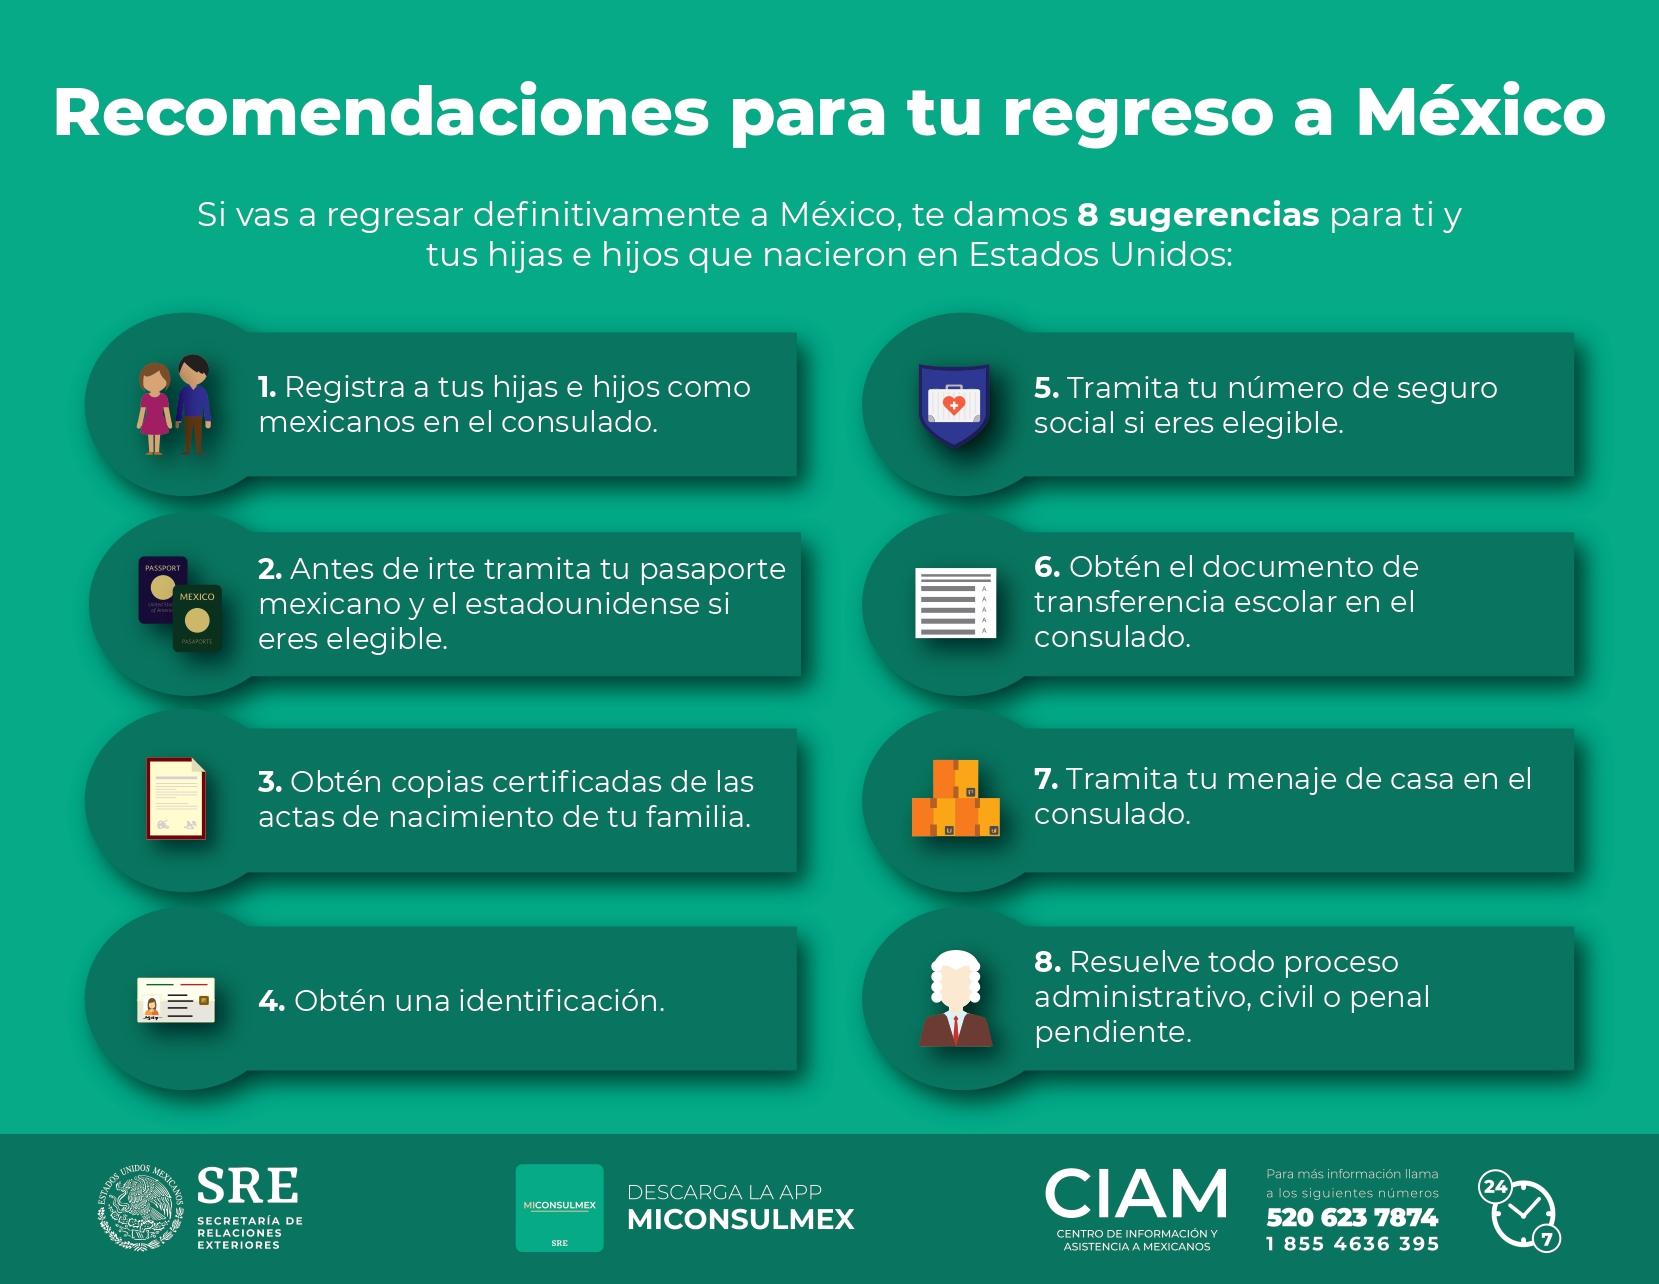 Recomendaciones para tu regreso a México | Centro de